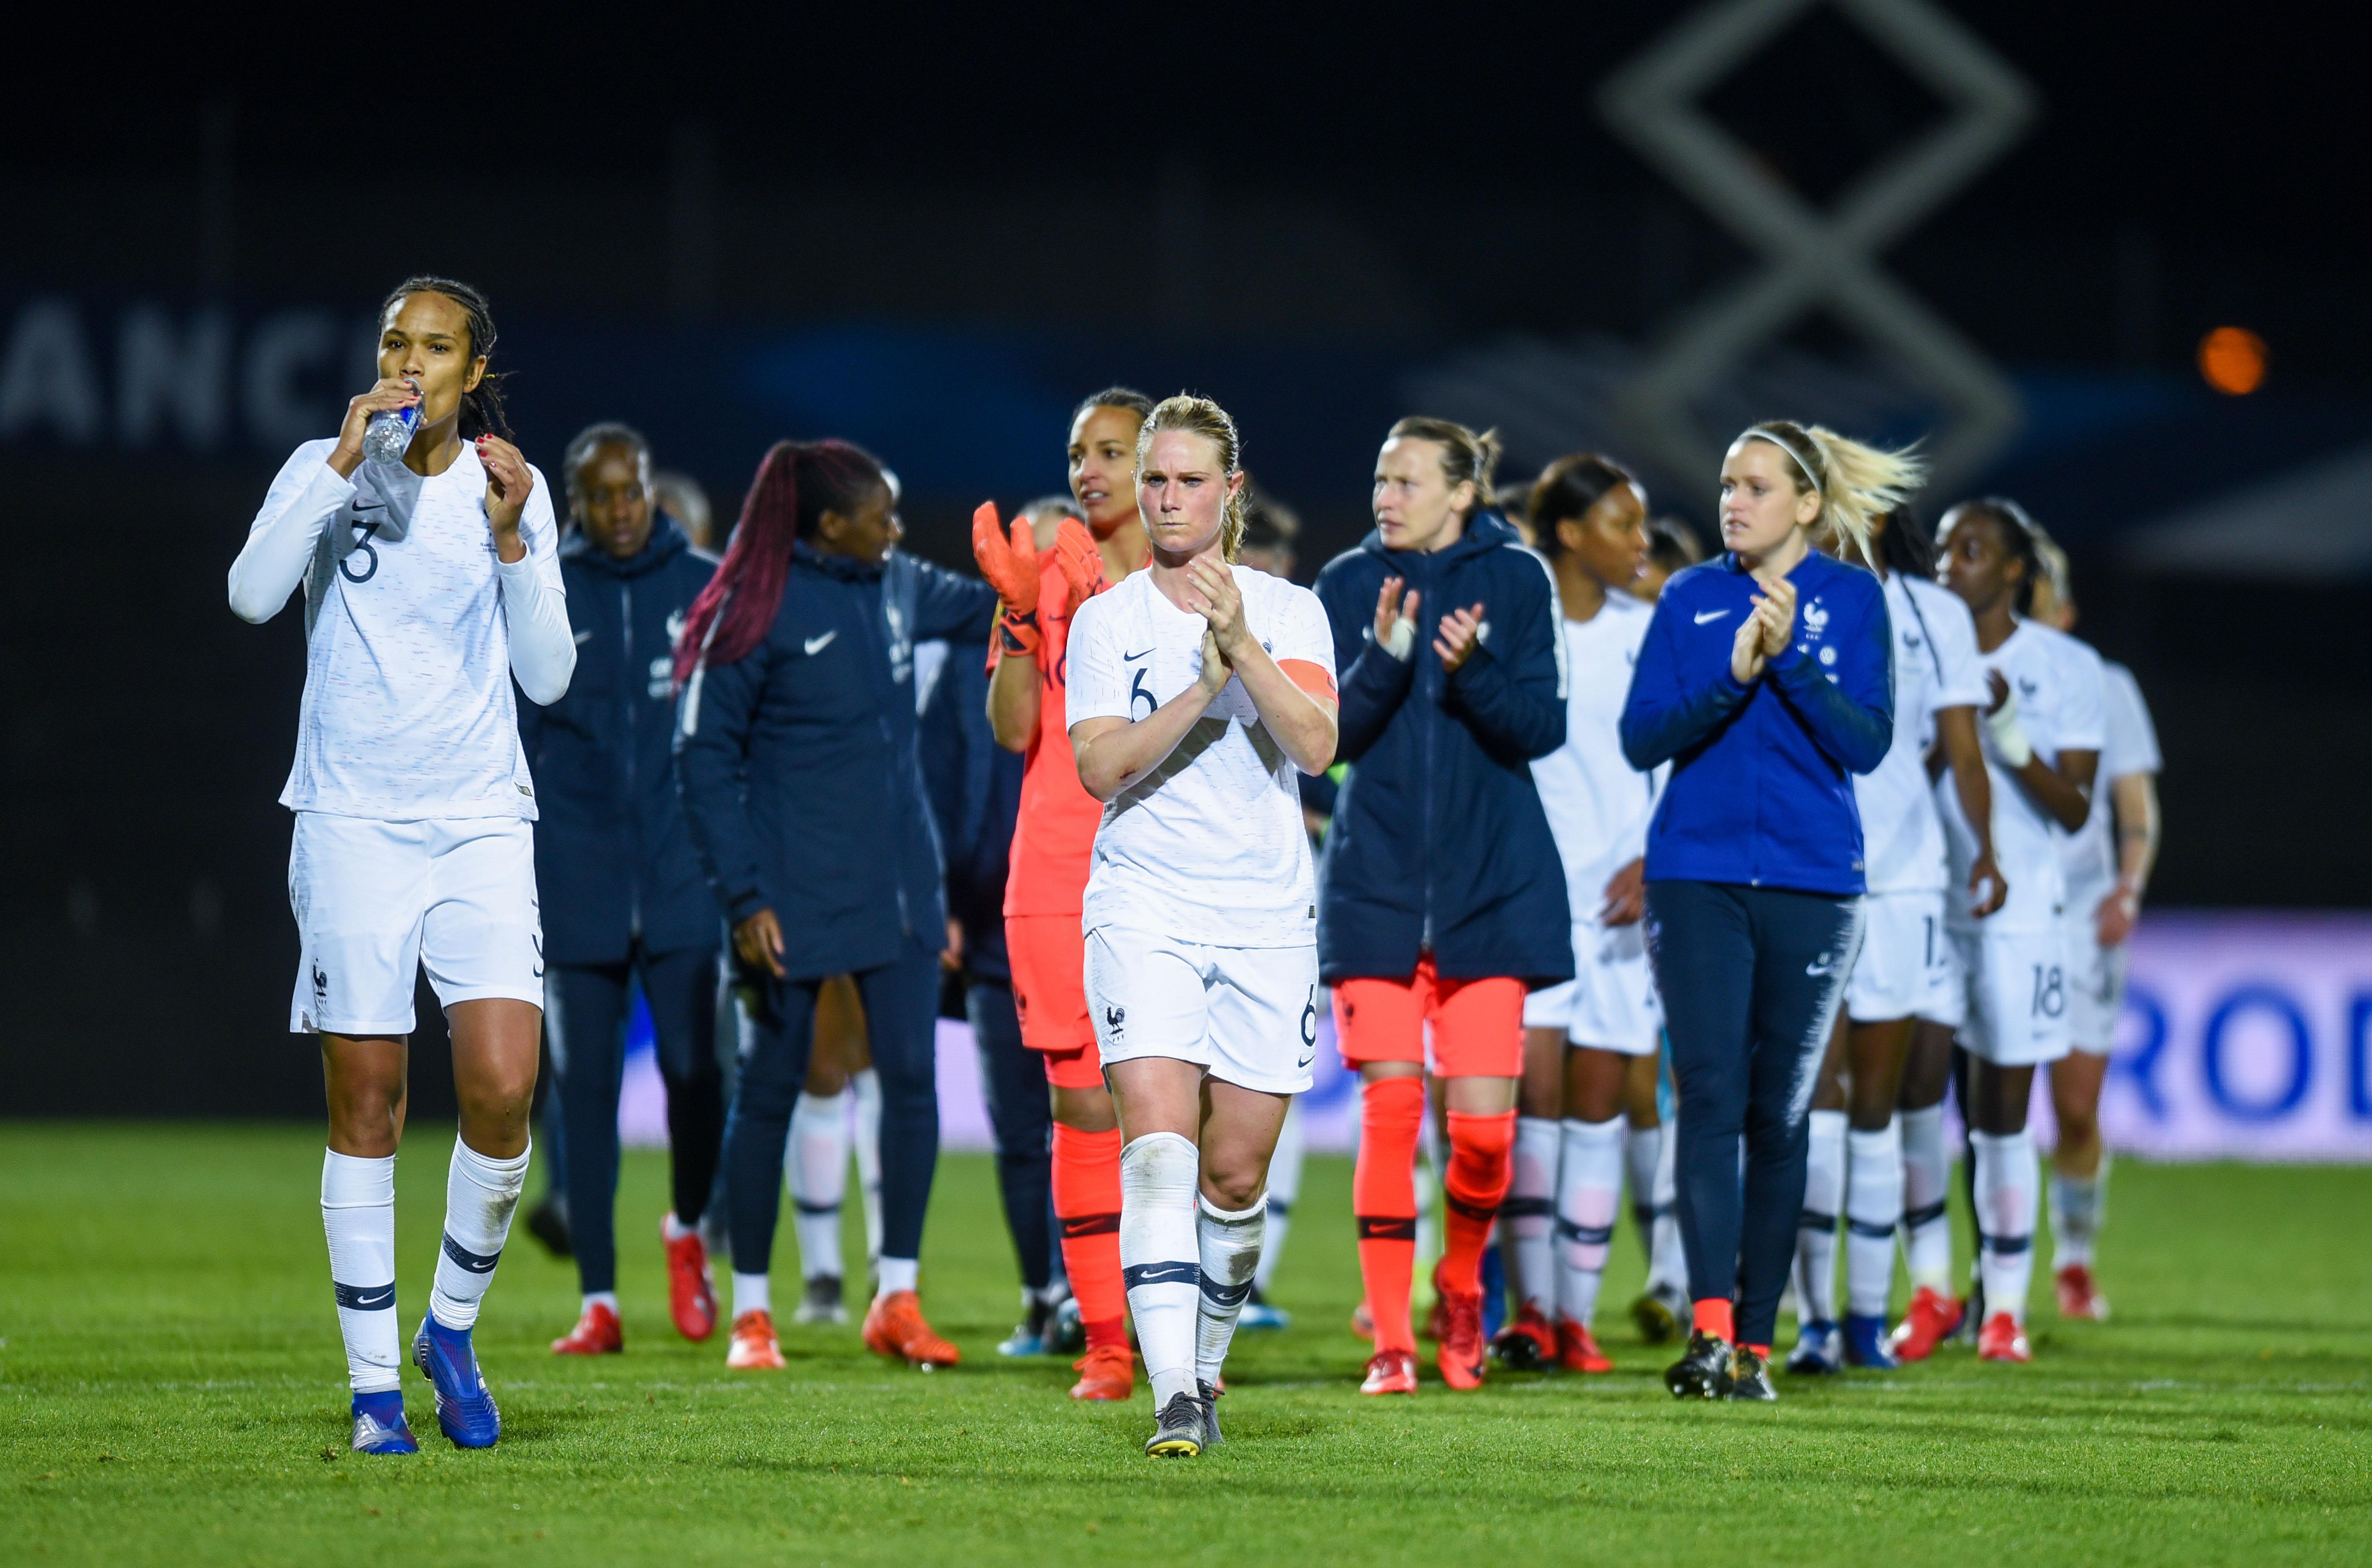 Football - Coupe du monde féminine - A moins de 100 jours du Mondial, les Bleues doivent se ressaisir face à l'Uruguay